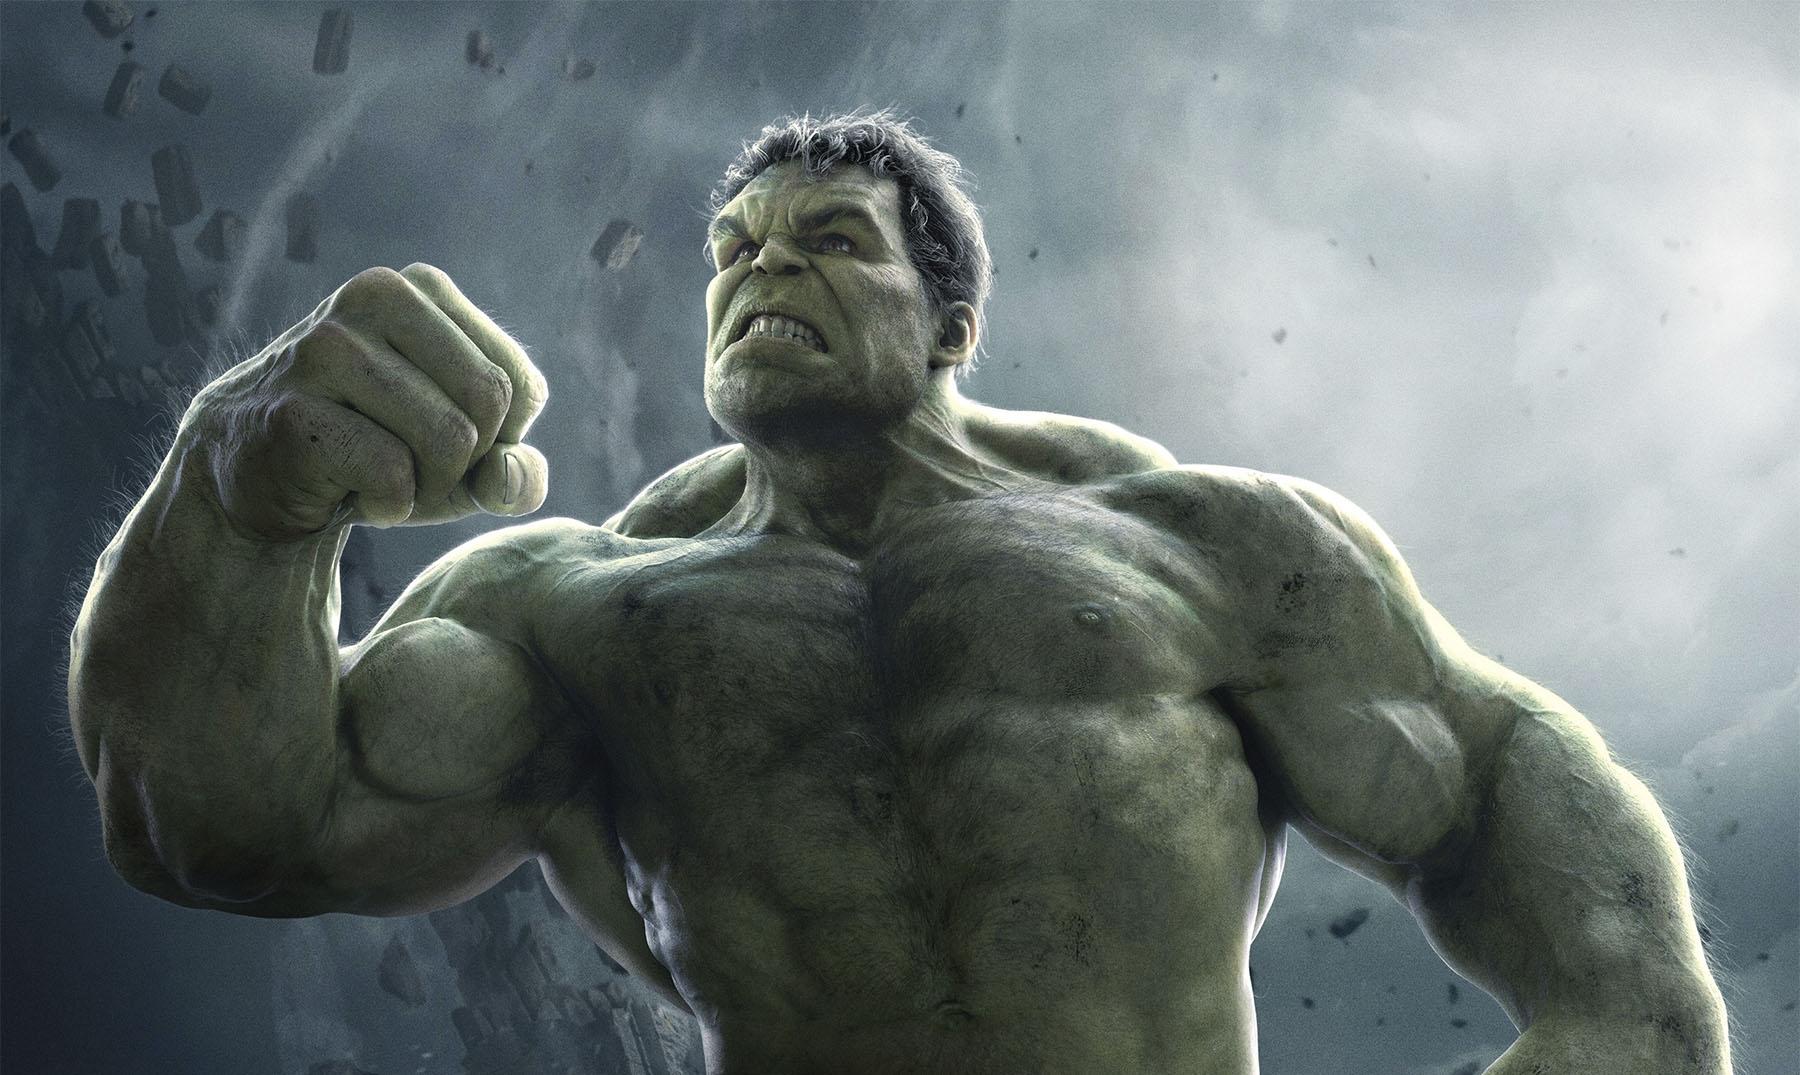 30 Frases De Hulk El Gigante Esmeralda Con Imagenes